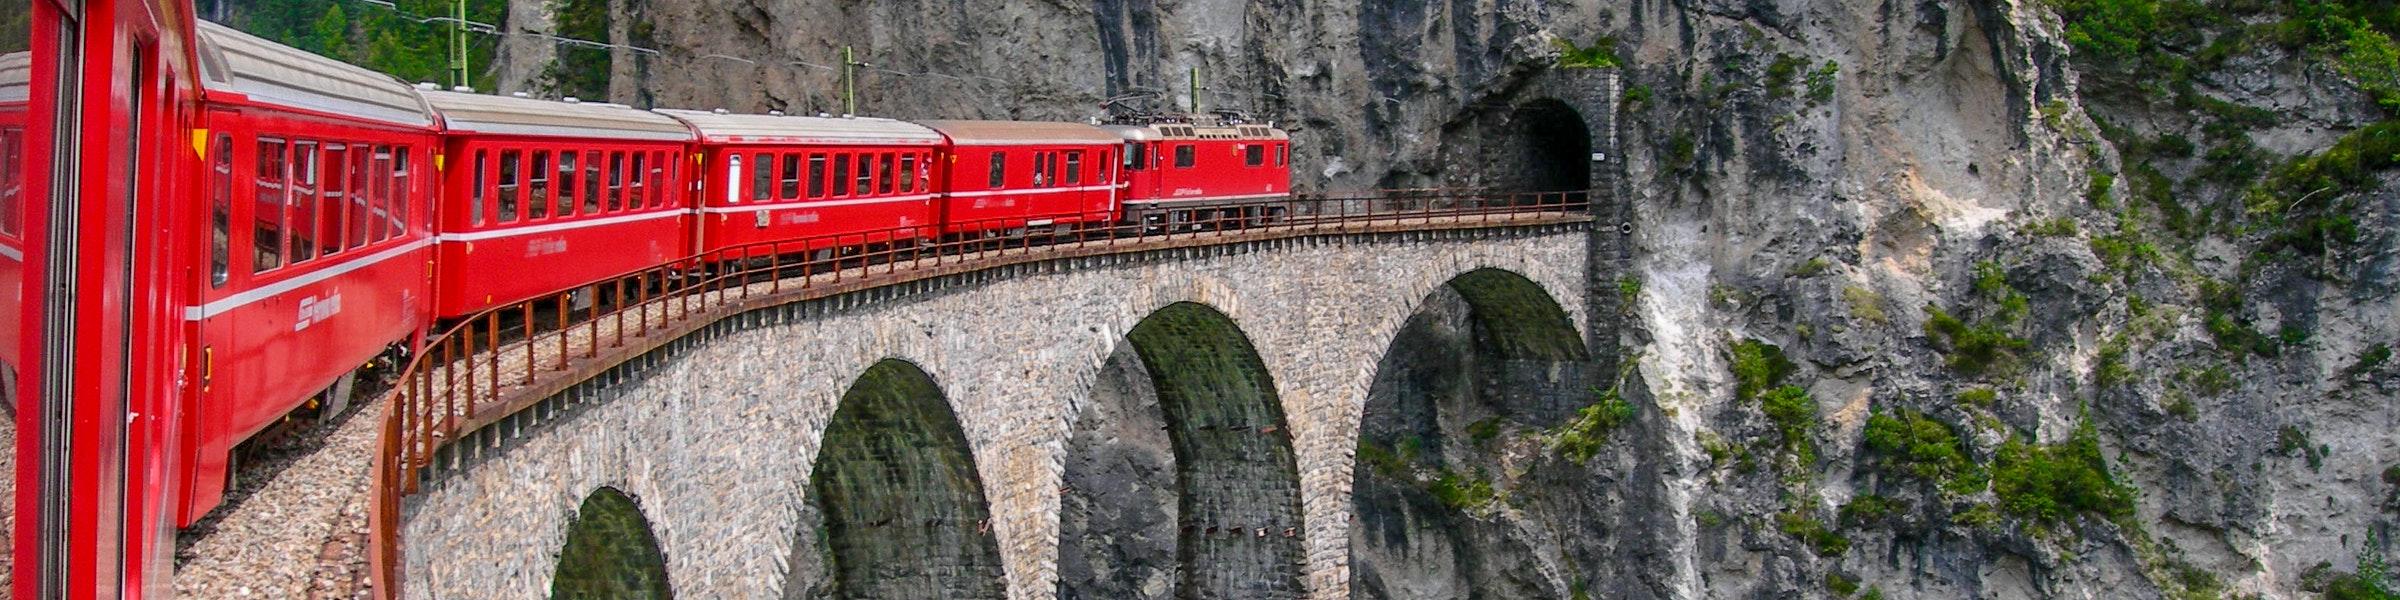 Landwasser viaduct near Filisur